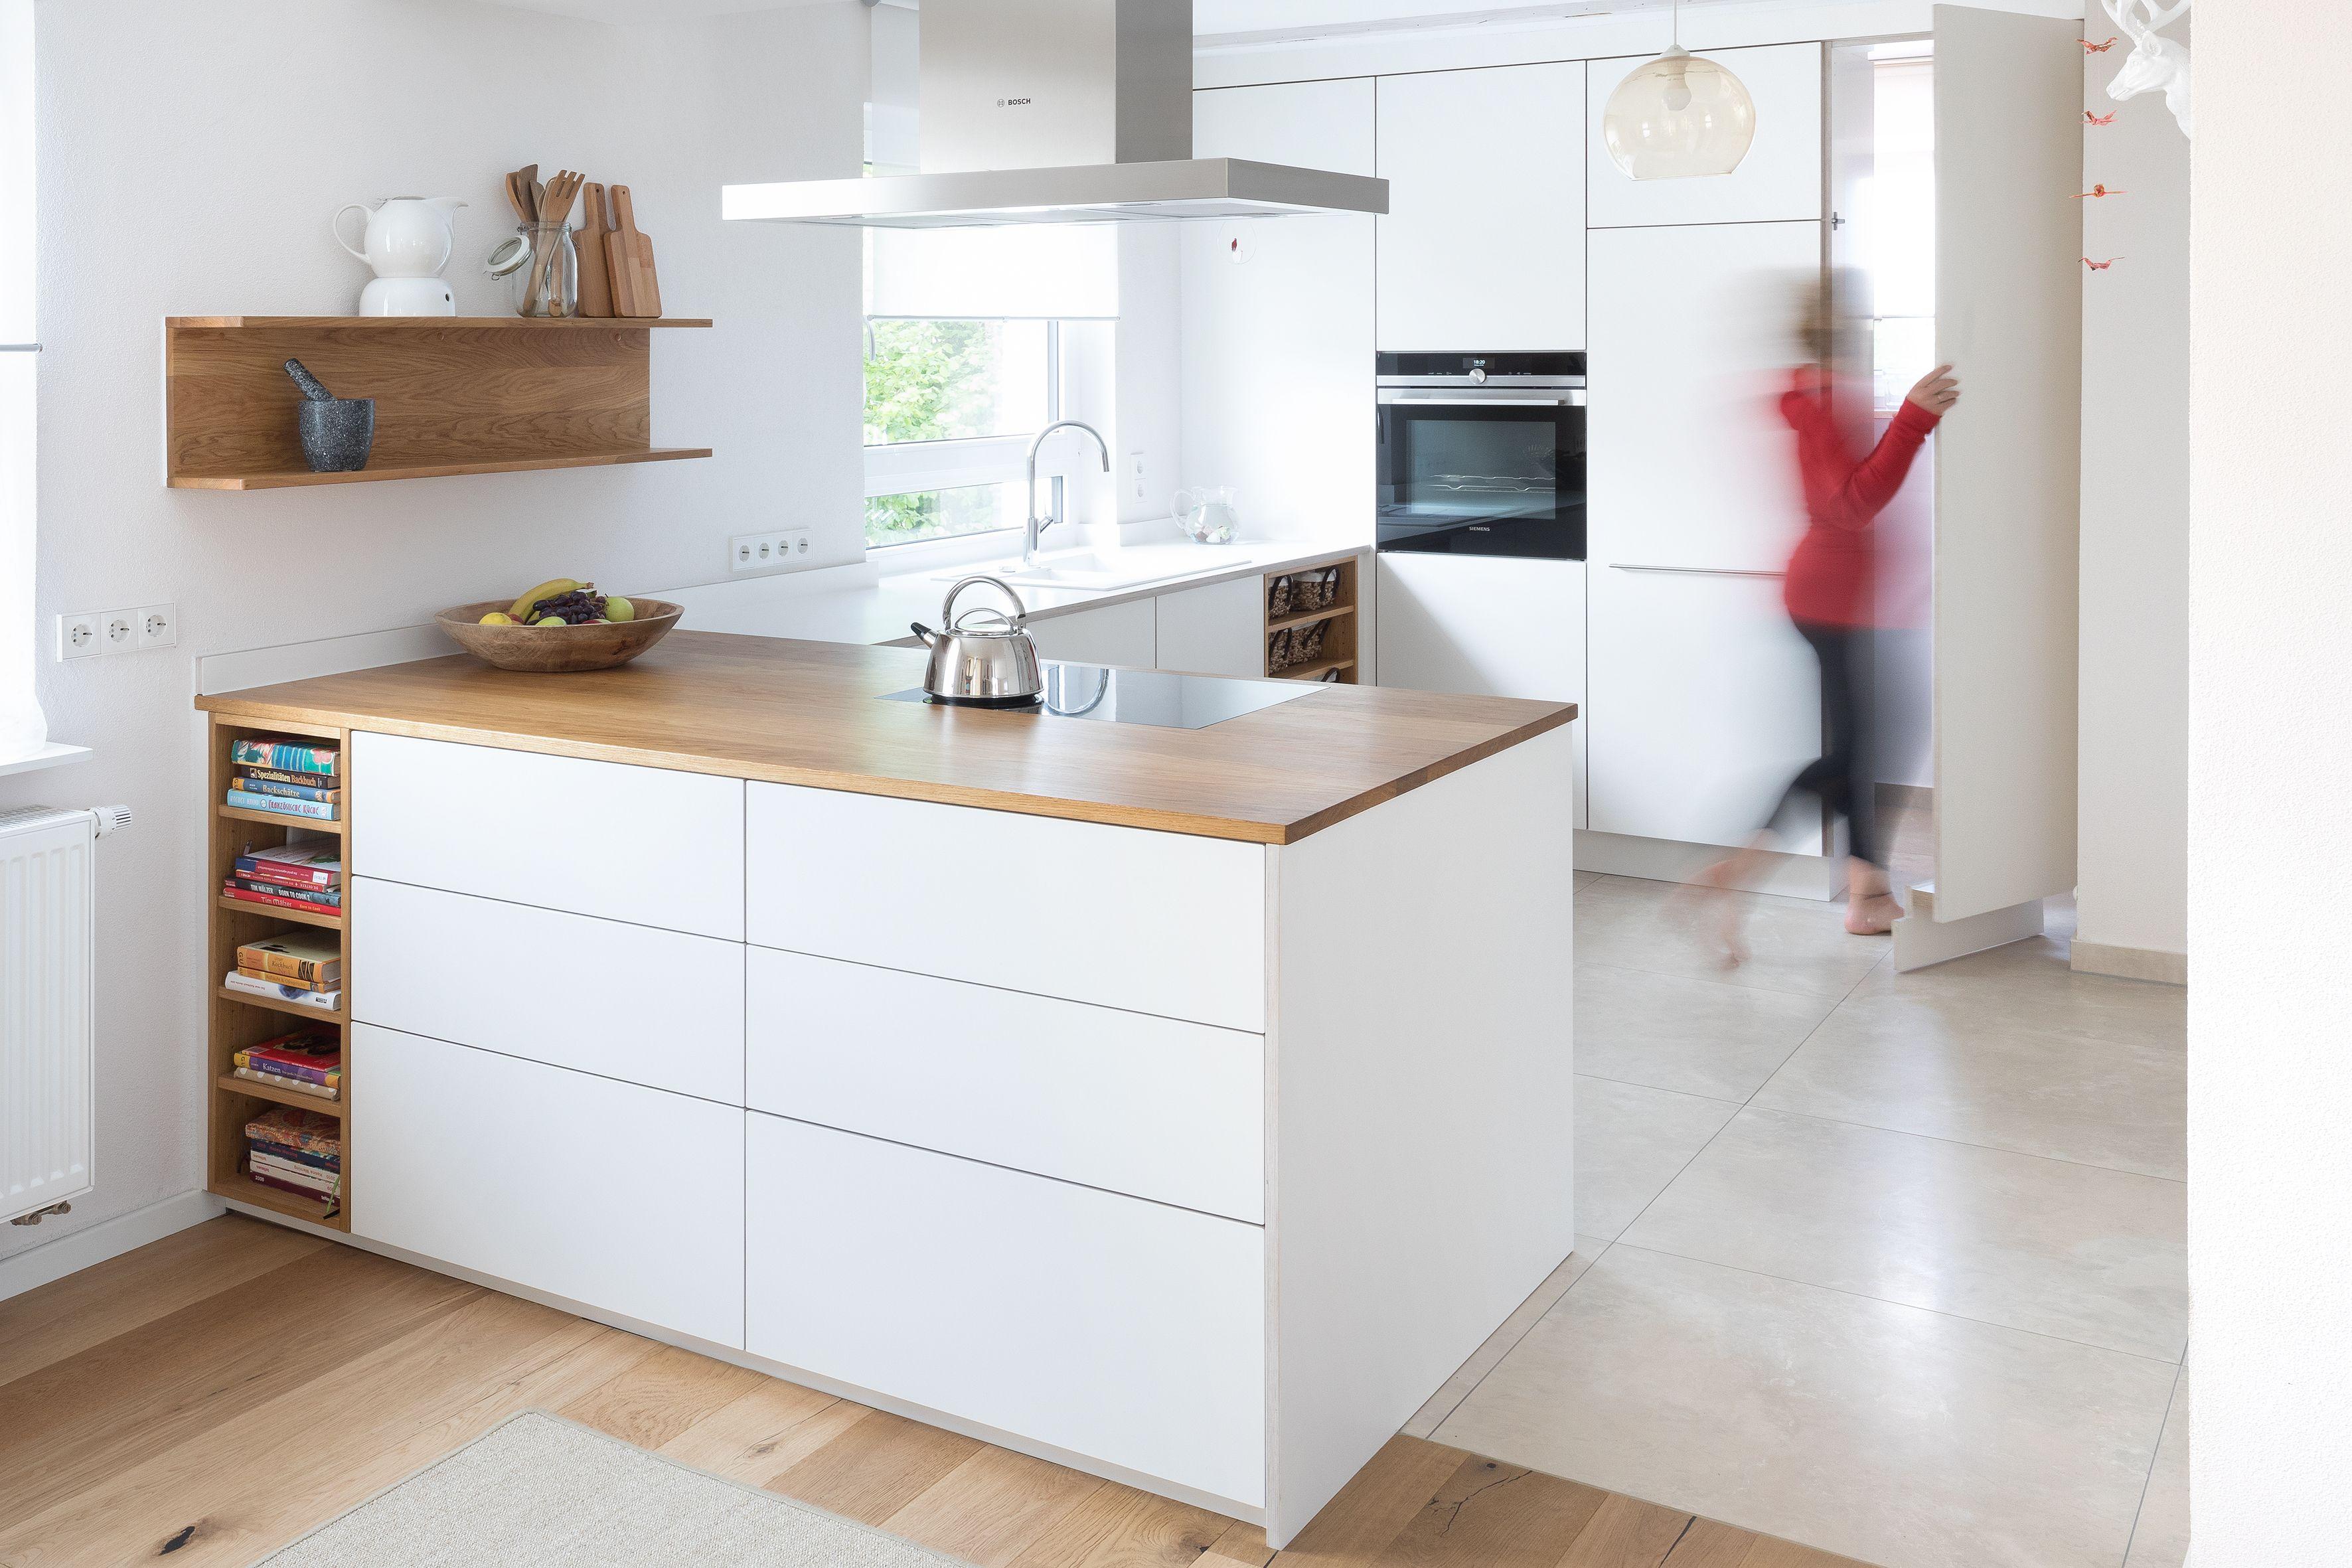 Kuchenblock Moderne Kuche Weisse Kuche Schreinerkuche Designer Kuche Speisekammer Moderne Kuche Kuchen Design Kuchendesign